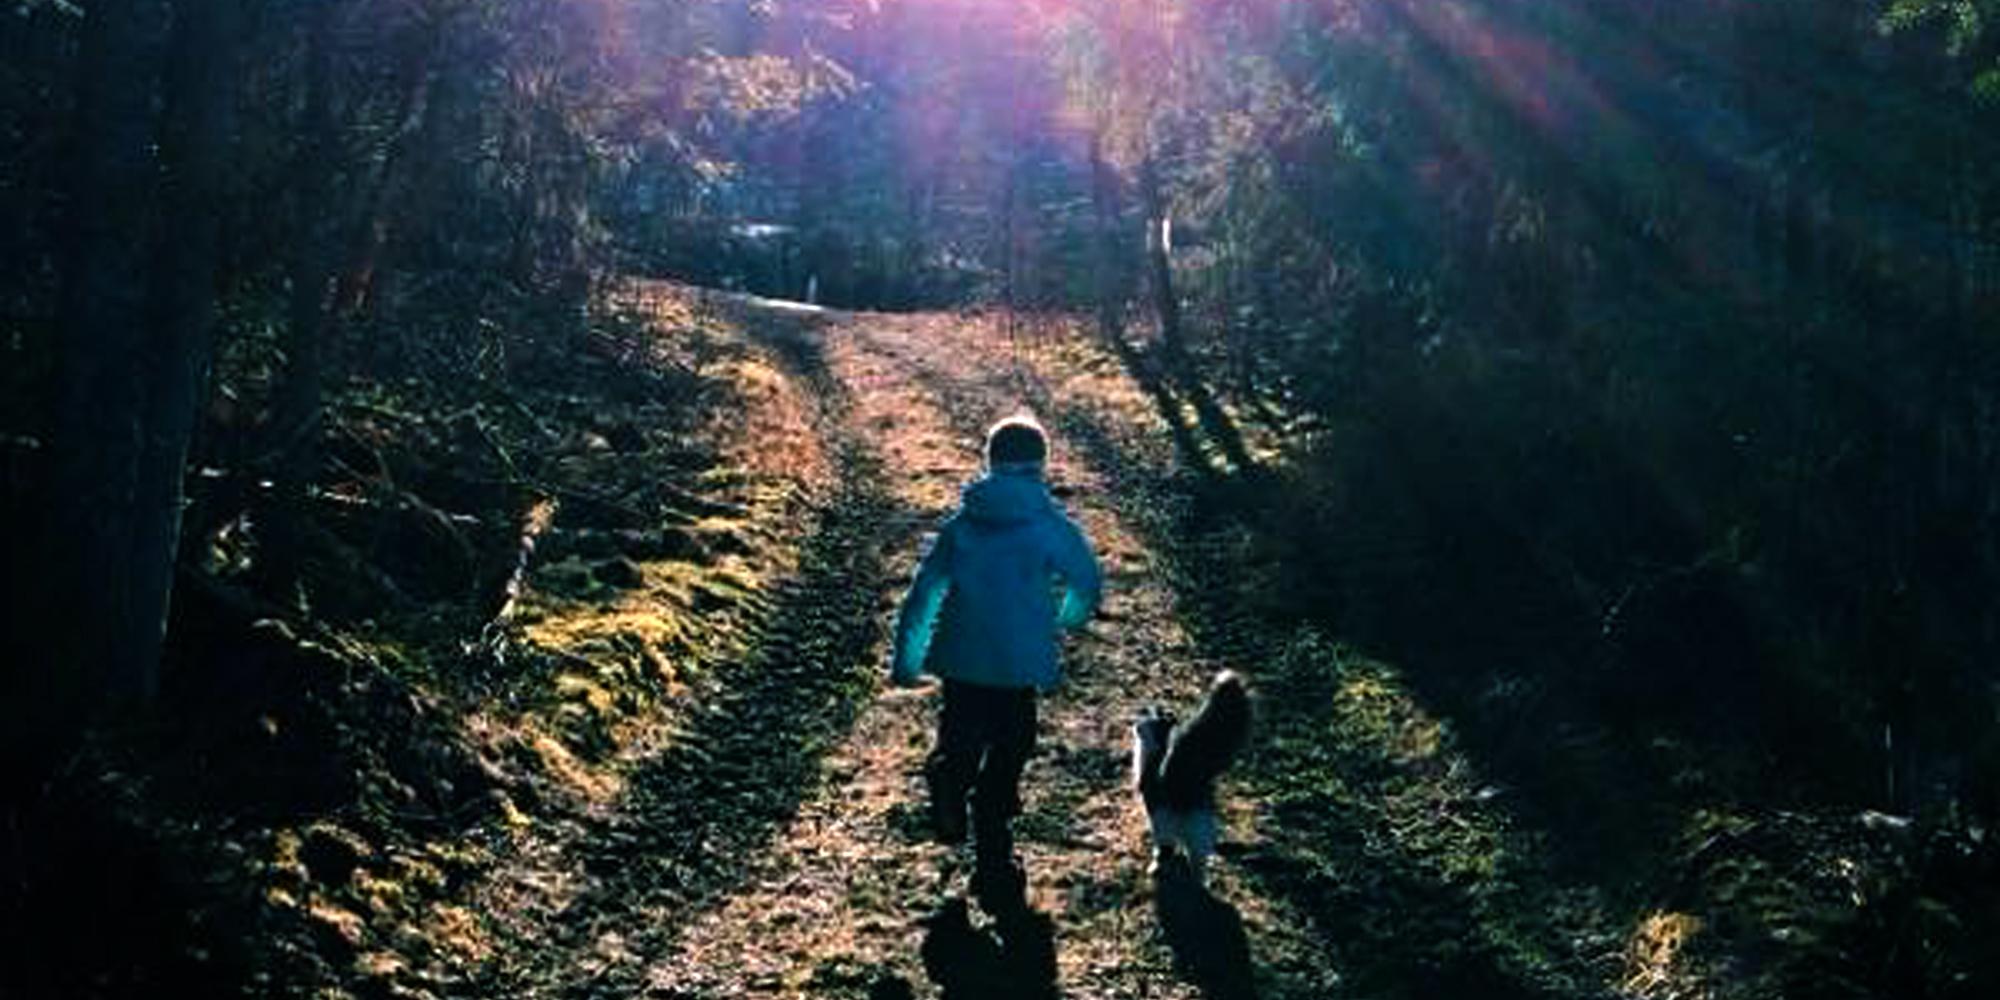 Troset i Levanger Kommune: Vandring i skogen. Copyright: Heidi Troset